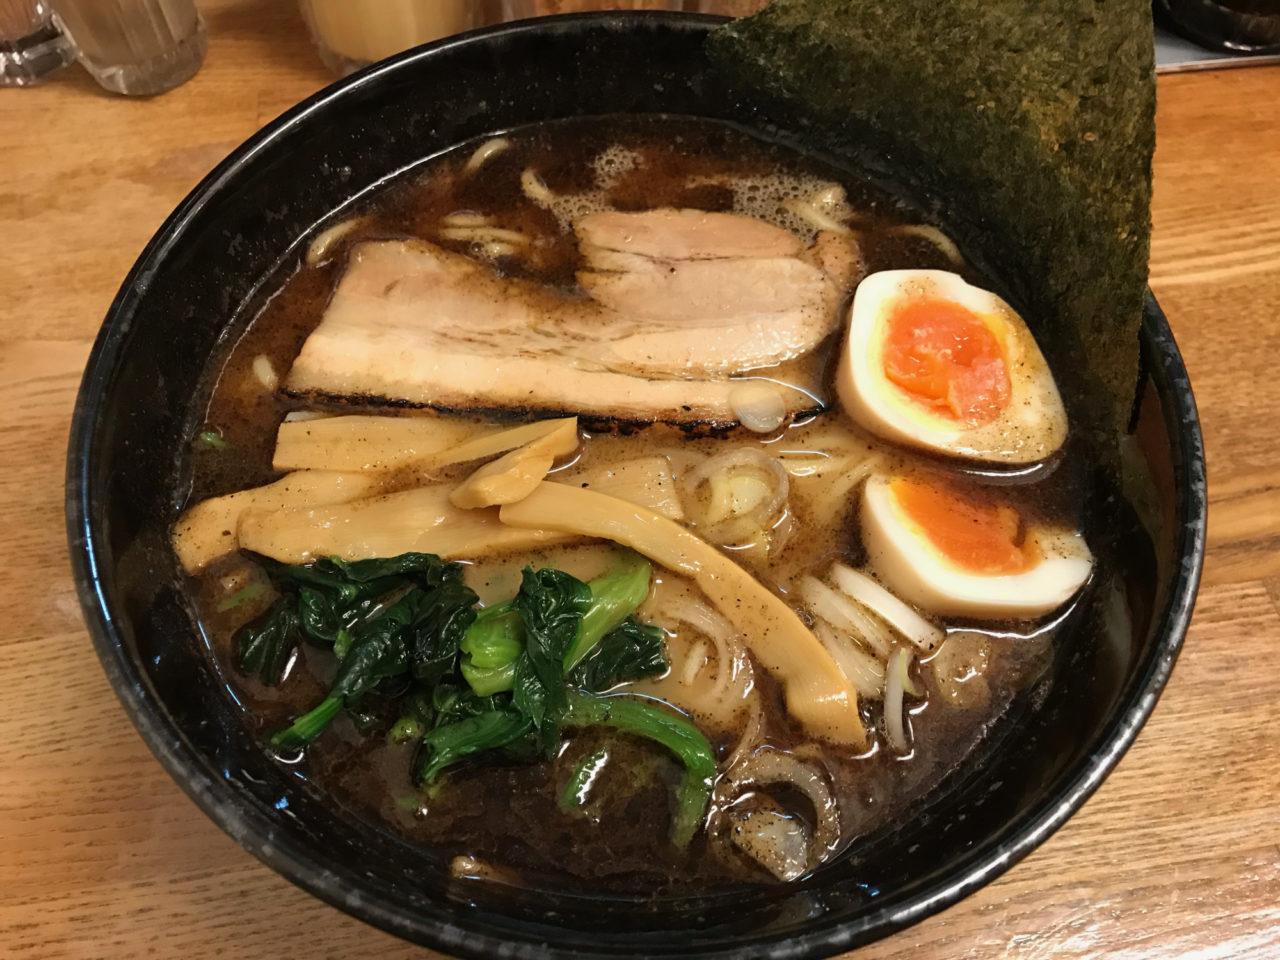 麺屋 黒琥 (豊洲)の黒琥ラーメン + 半熟卵